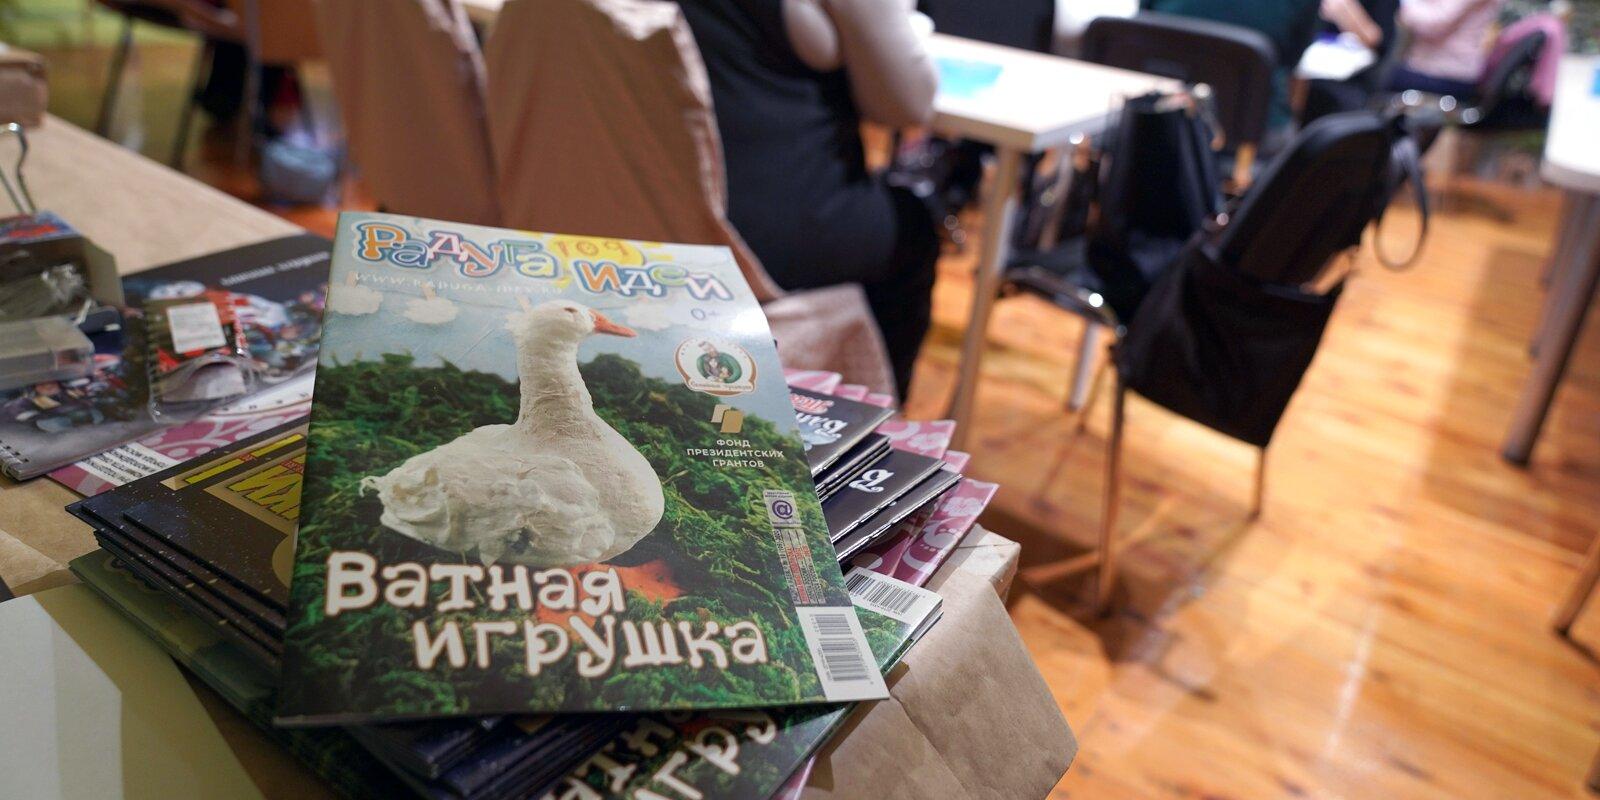 Фото Е. Самарина. Mos.ru